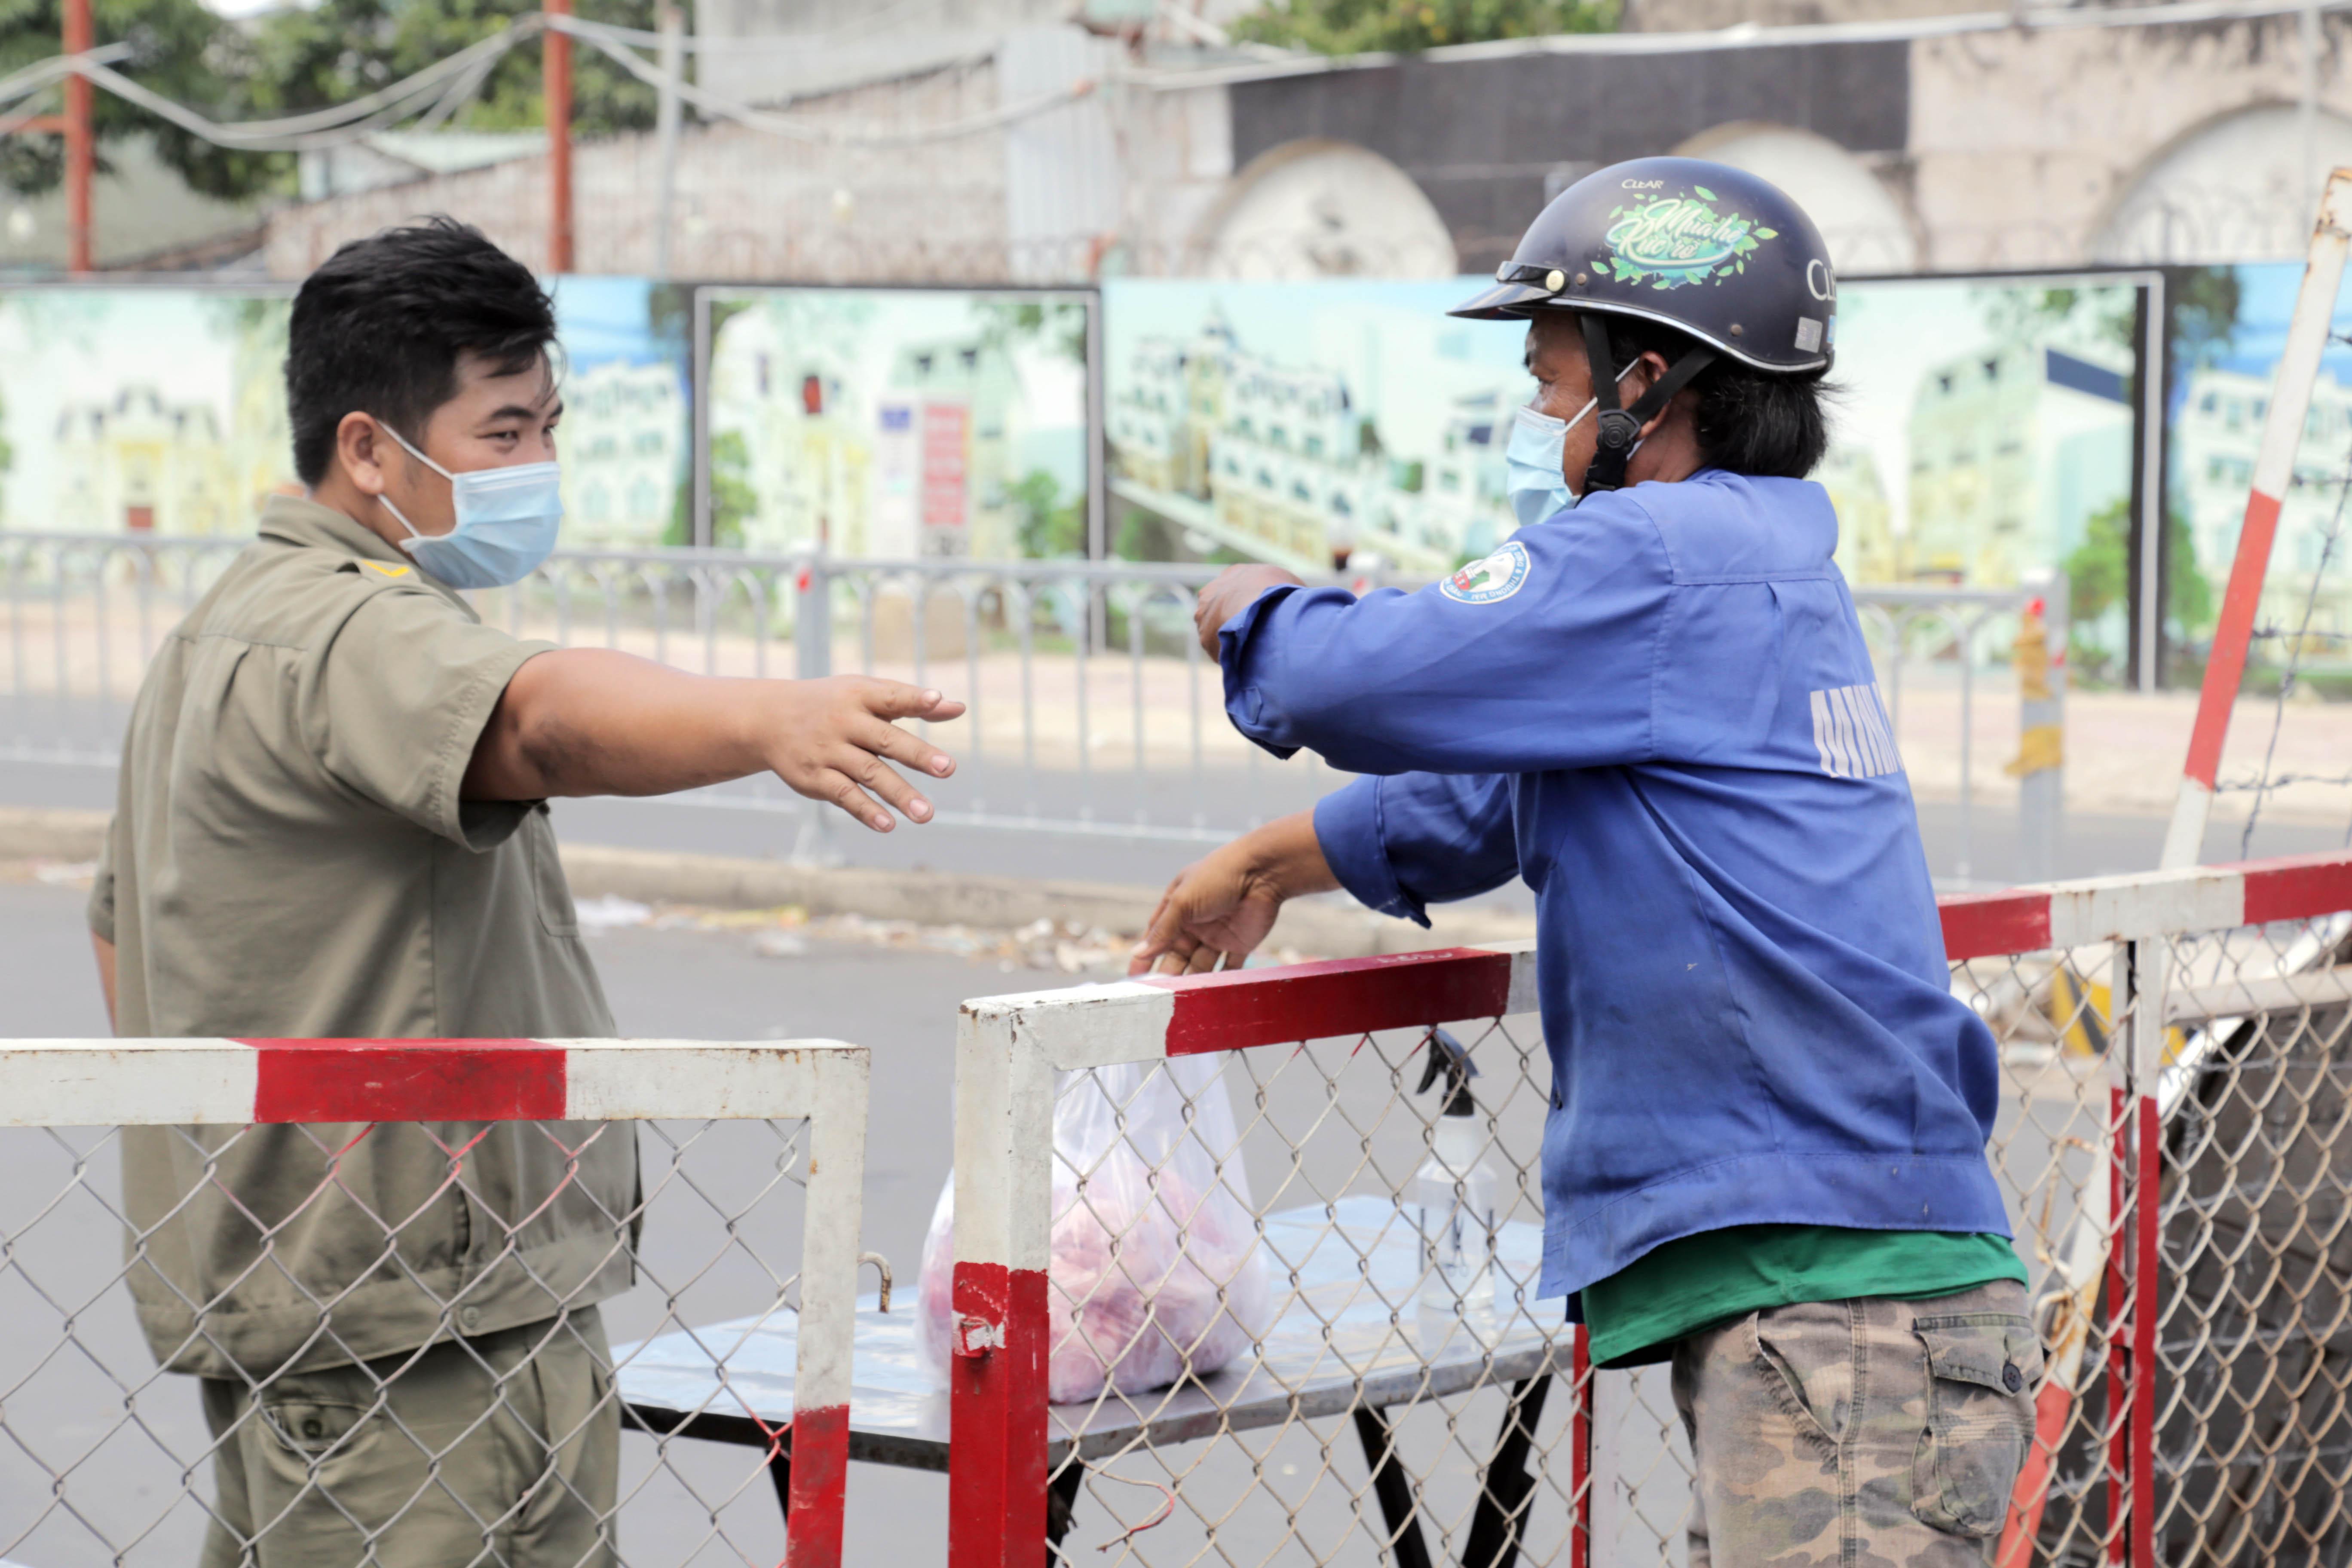 """Toàn cảnh phong tỏa """"nội bất xuất, ngoại bất nhập"""" tại 3 khu phố ở Bình Tân - 9"""